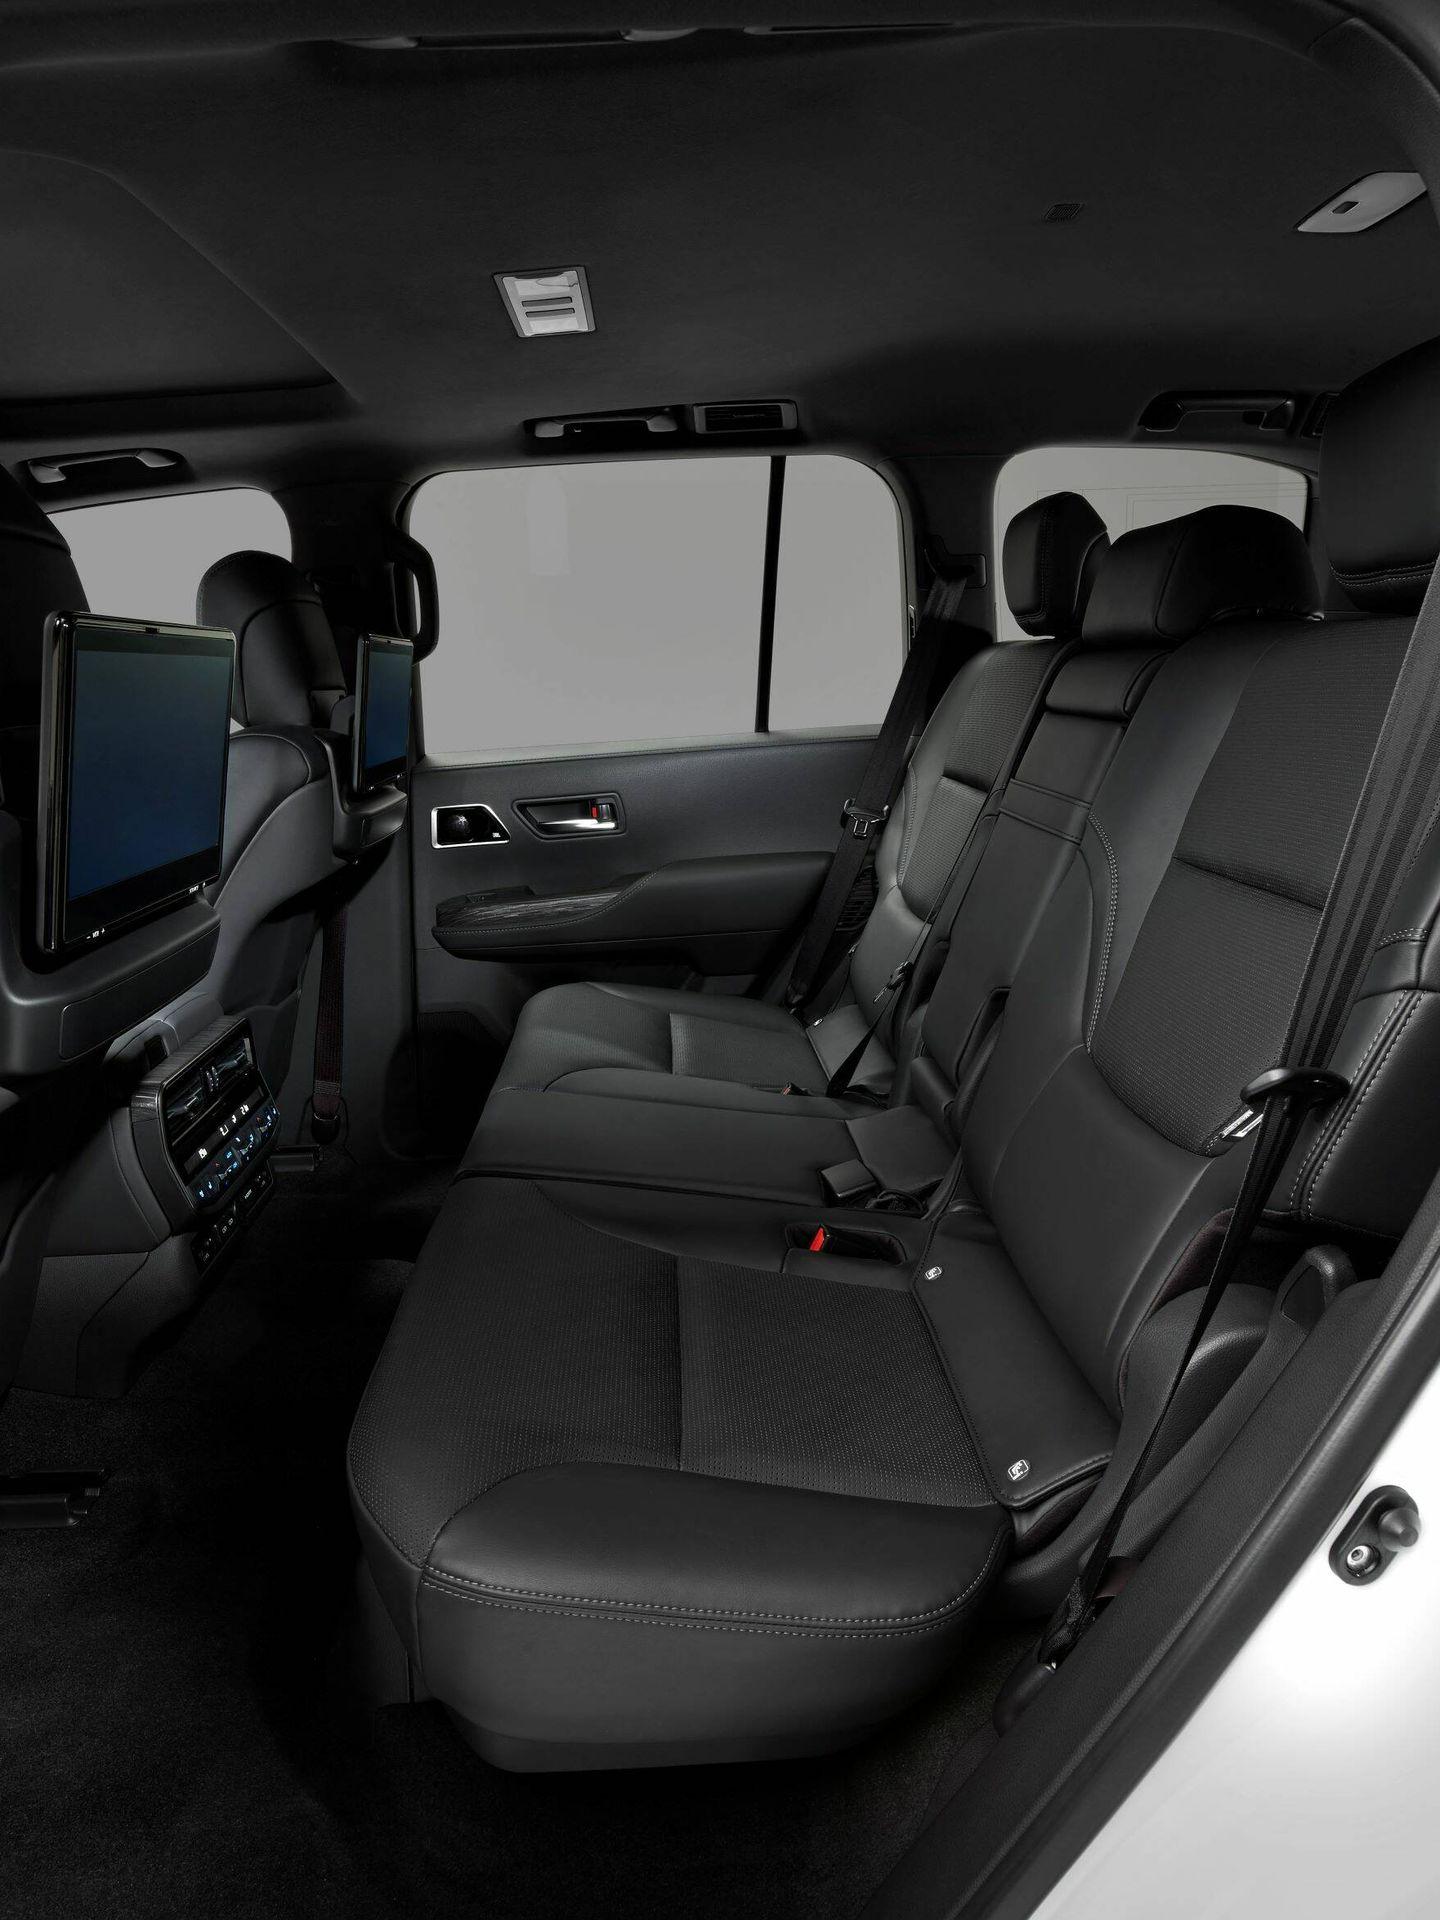 Para las plazas posteriores se ofrecerá un completo sistema multimedia. Y la carrocería larga ahora presentada contará con una tercera fila de asientos.